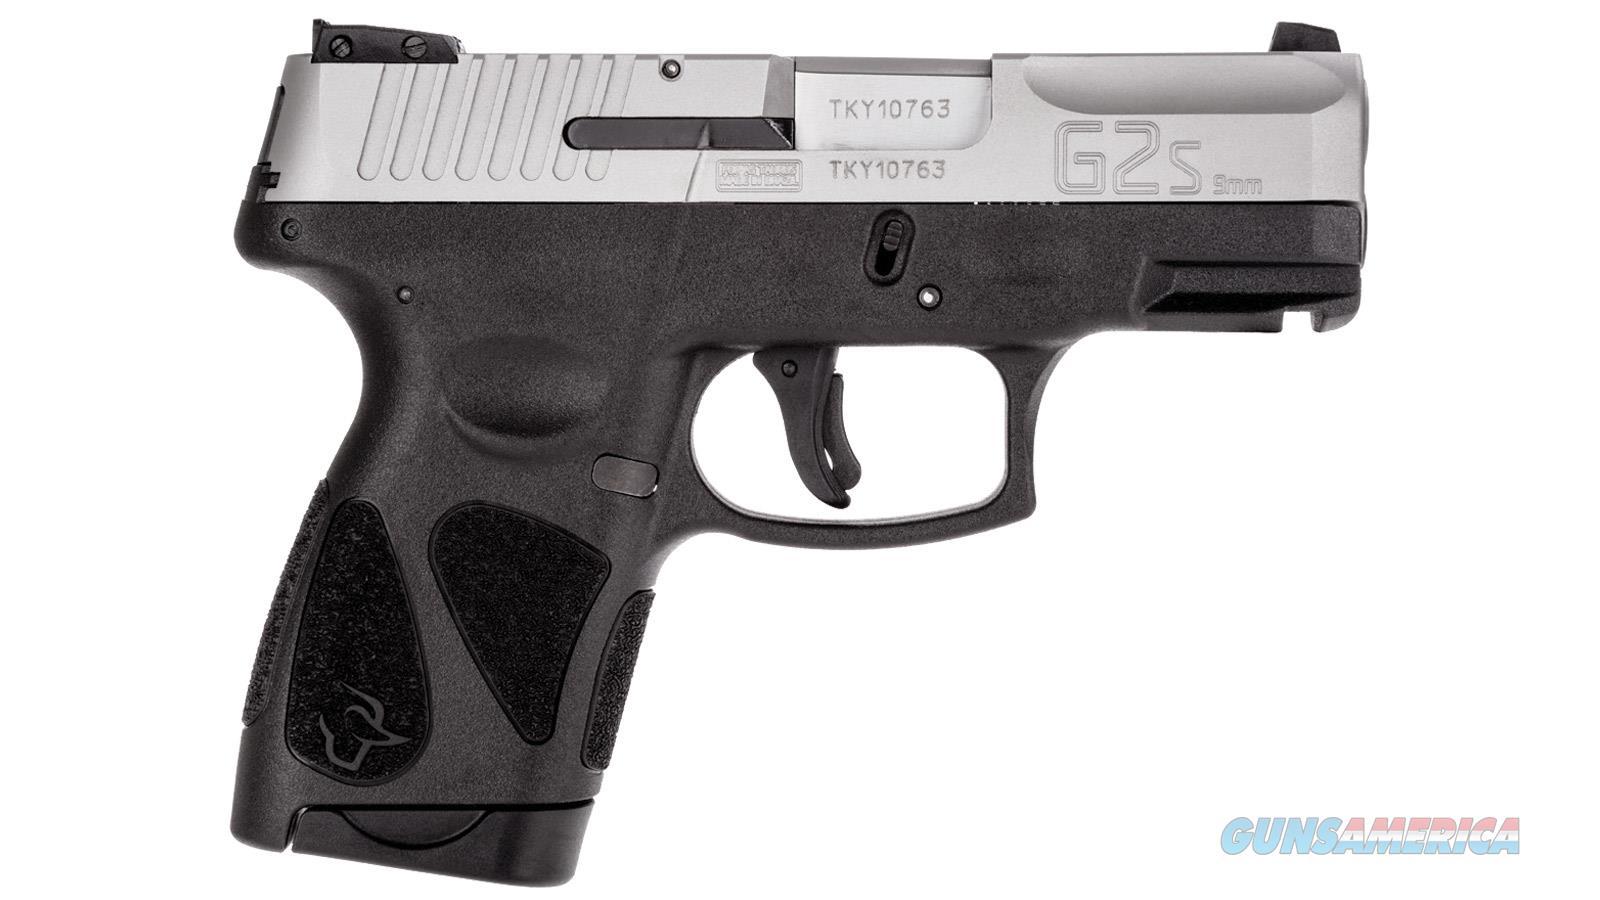 Taurus G2S 9MM Stainless Slide Pistol  Guns > Pistols > Taurus Pistols > Semi Auto Pistols > Polymer Frame